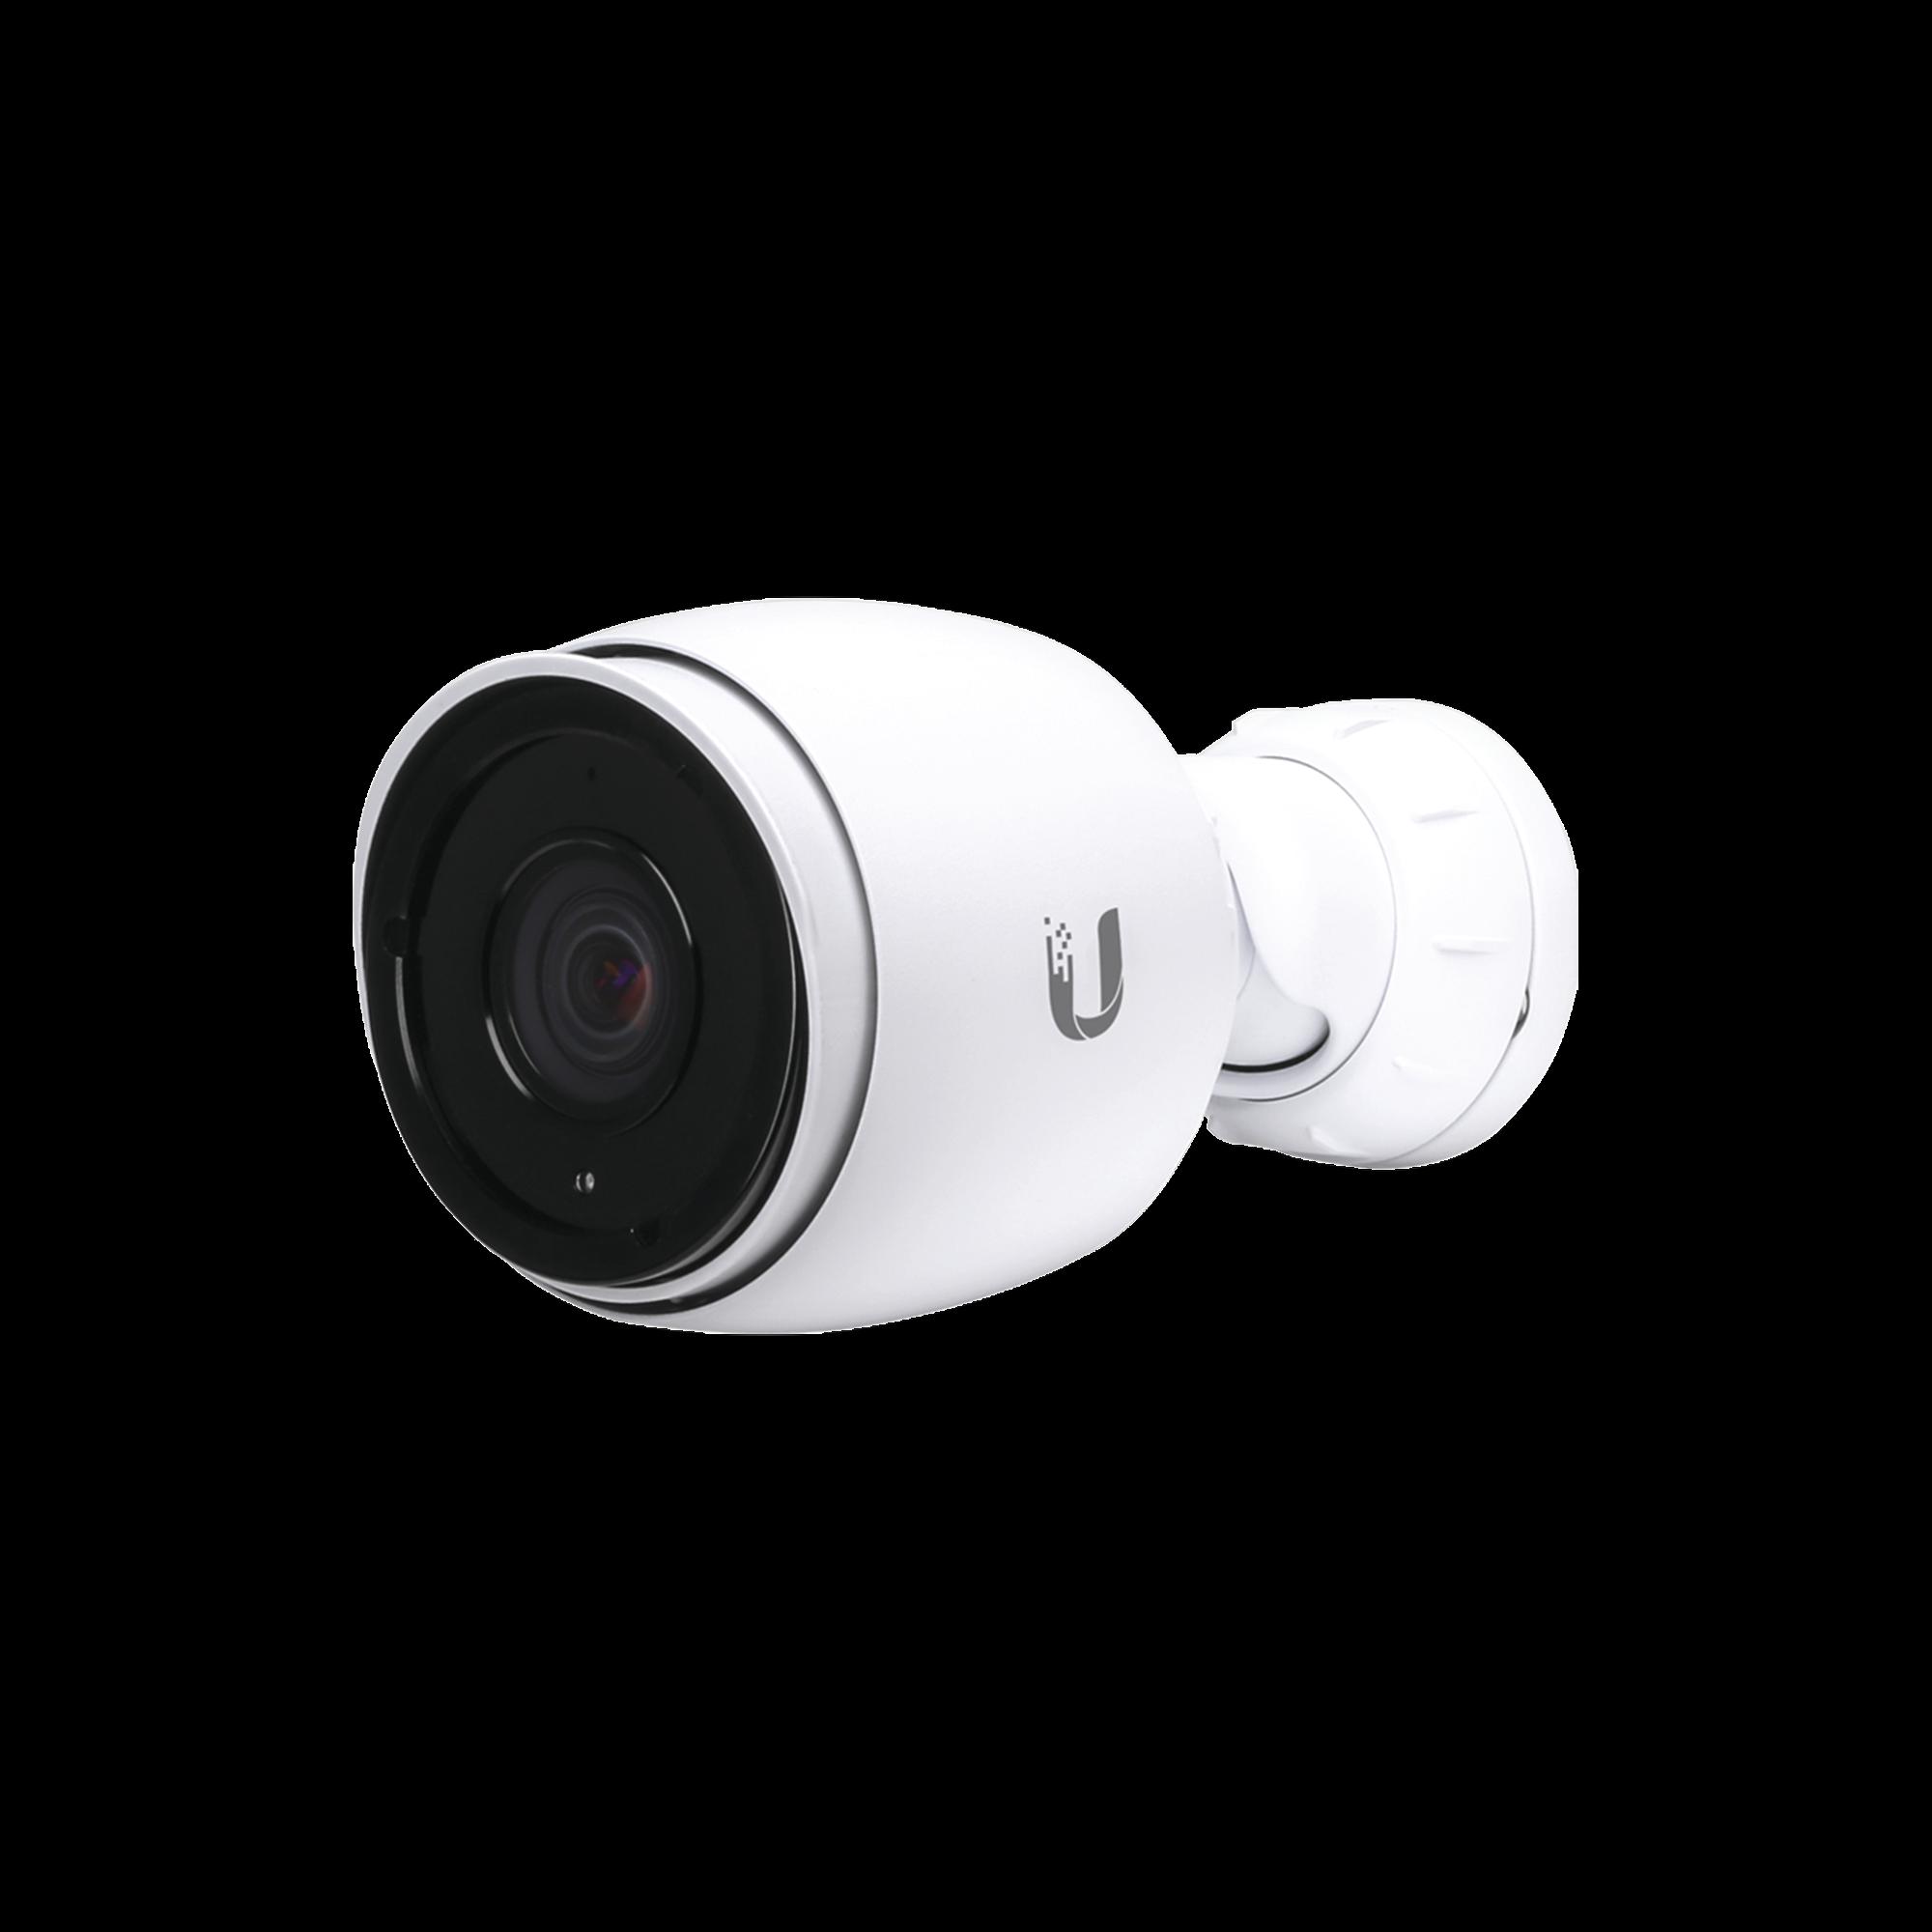 Cámara IP profesional UniFi G3 PRO 2MP para interior o exterior IP67 con micrófono y vista nocturna, PoE 802.3af/at. Lente Sony